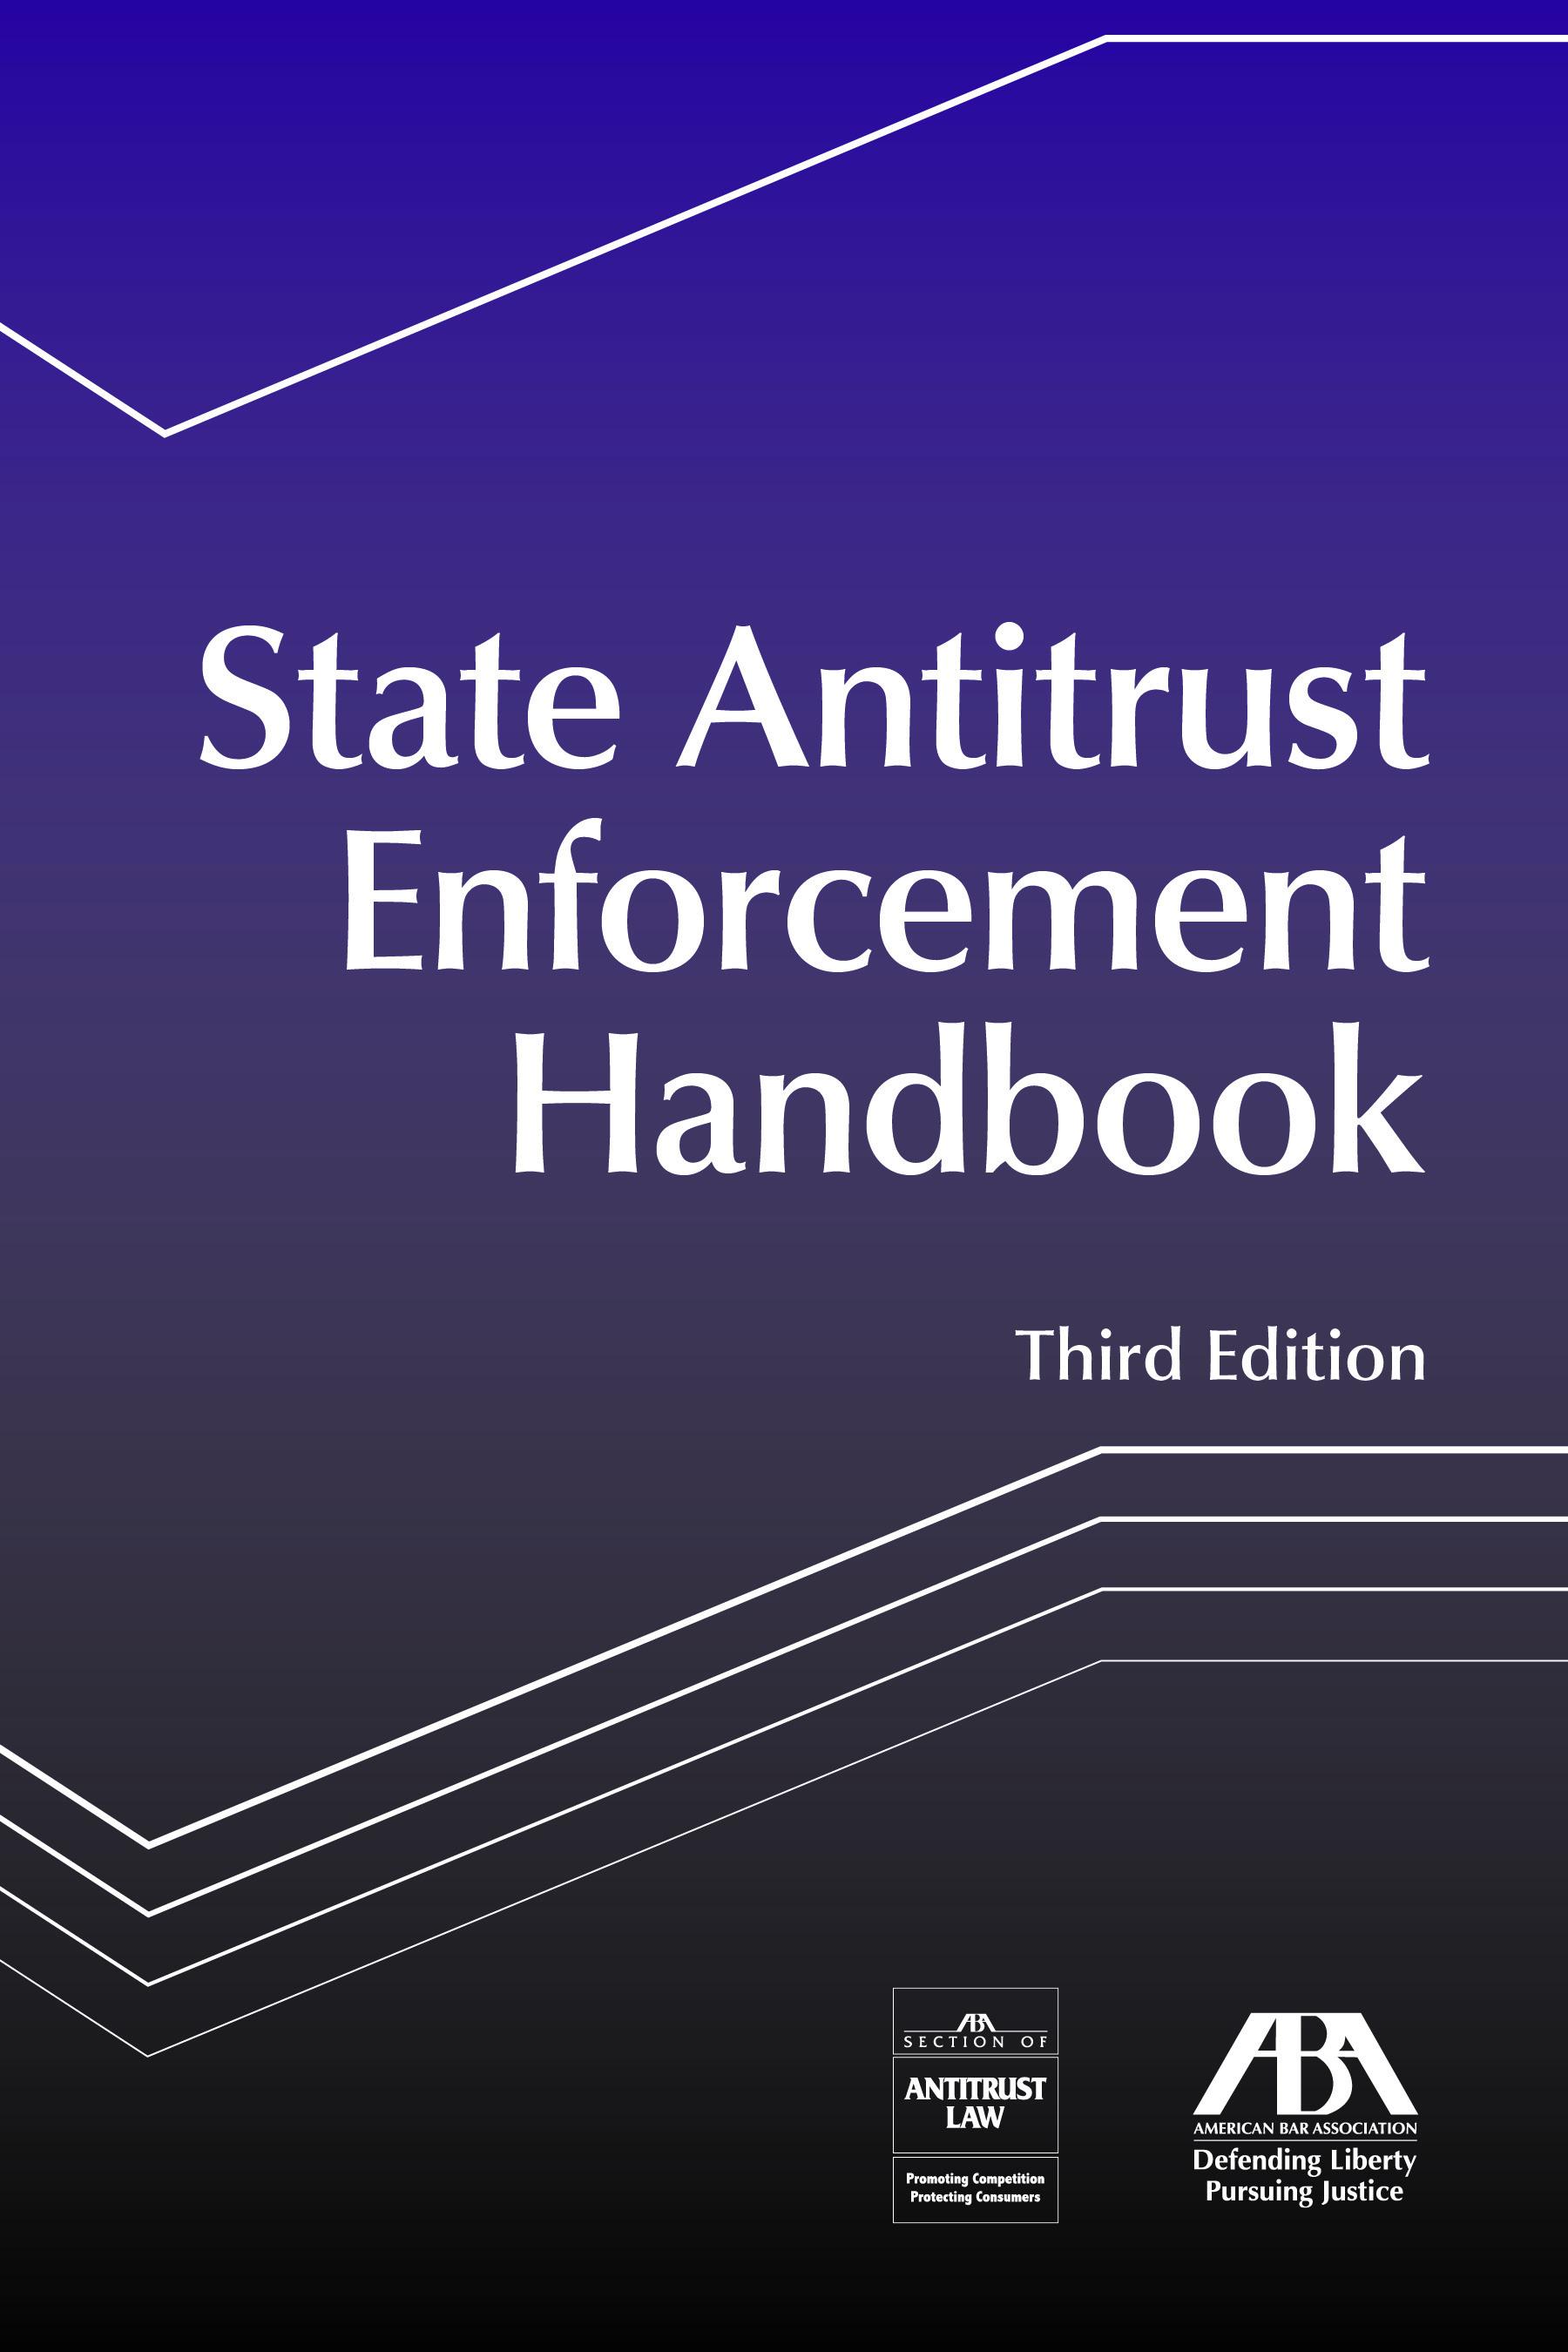 State Antitrust Enforcement Handbook, Third Edition